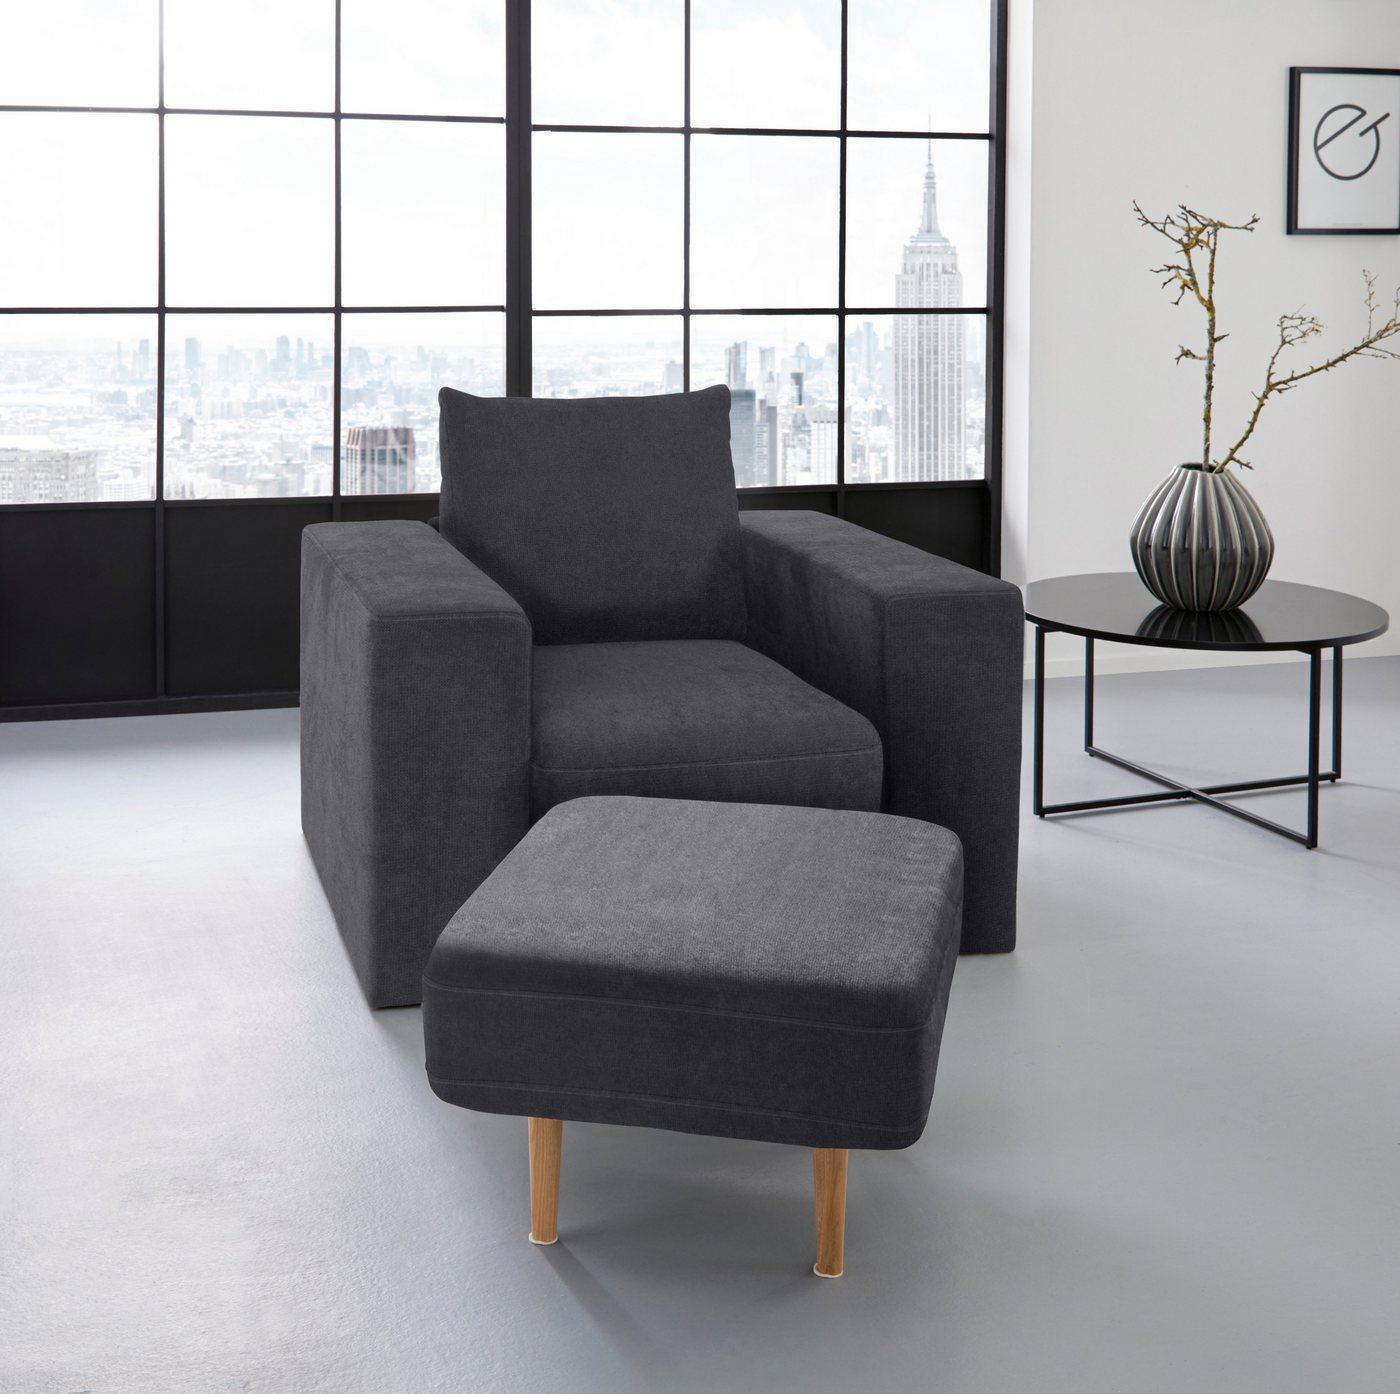 LOOKS by Wolfgang Joop Sessel »Looksv«, Verwandlungssessel: aus Sessel wird Sessel mit Hocker, blau